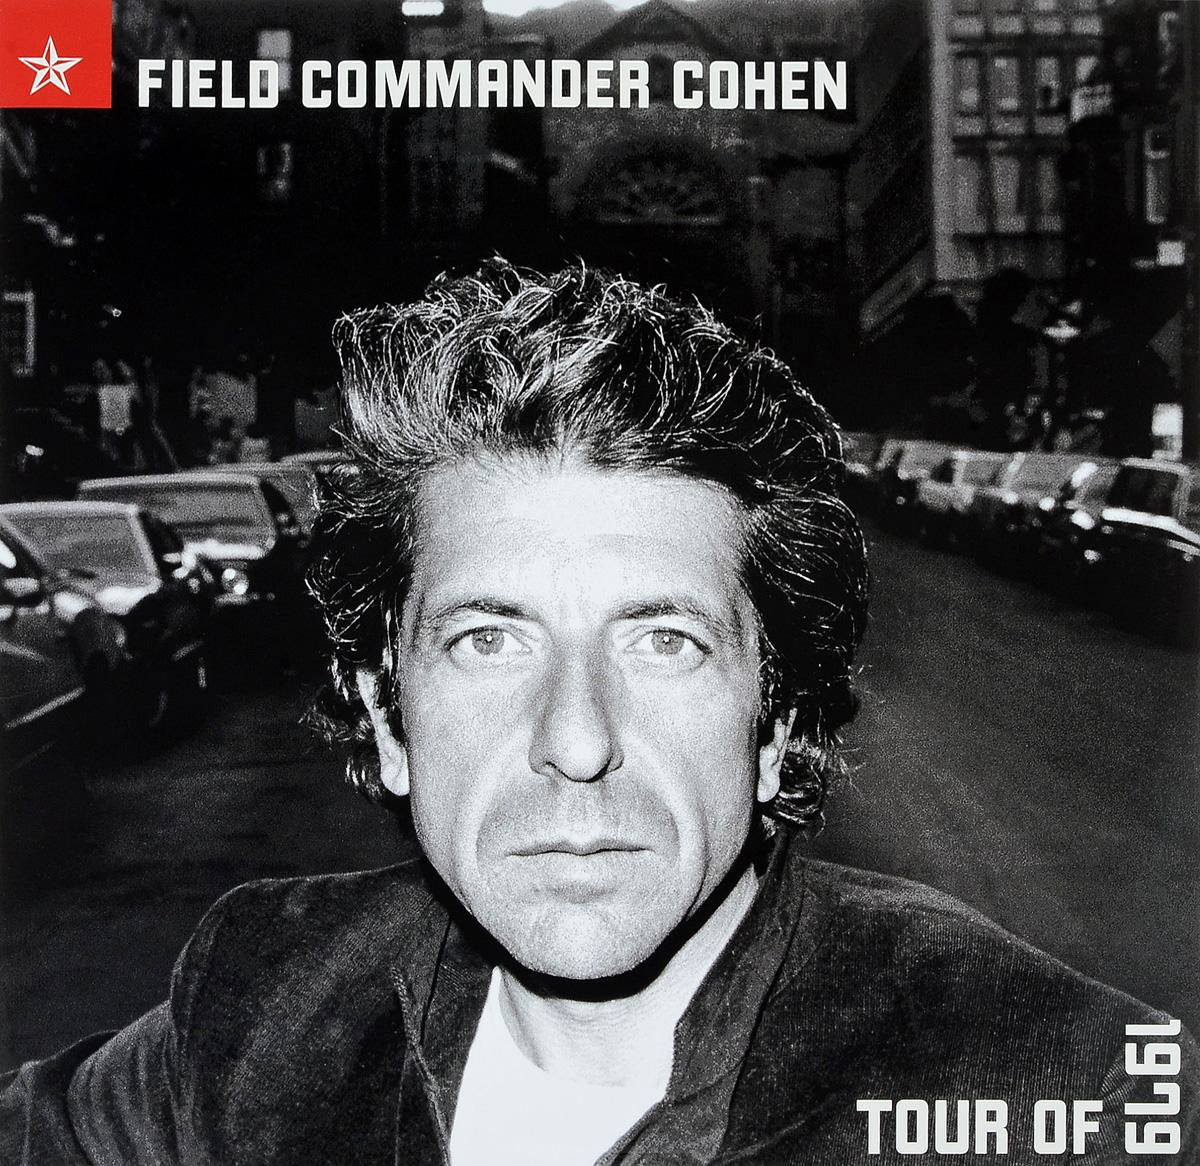 Леонард Коэн Leonard Cohen. Field Commander Cohen. Tour Of 1979 (2 LP) leonard cohen leonard cohen field commander cohen tour of 1979 2 lp 180 gr